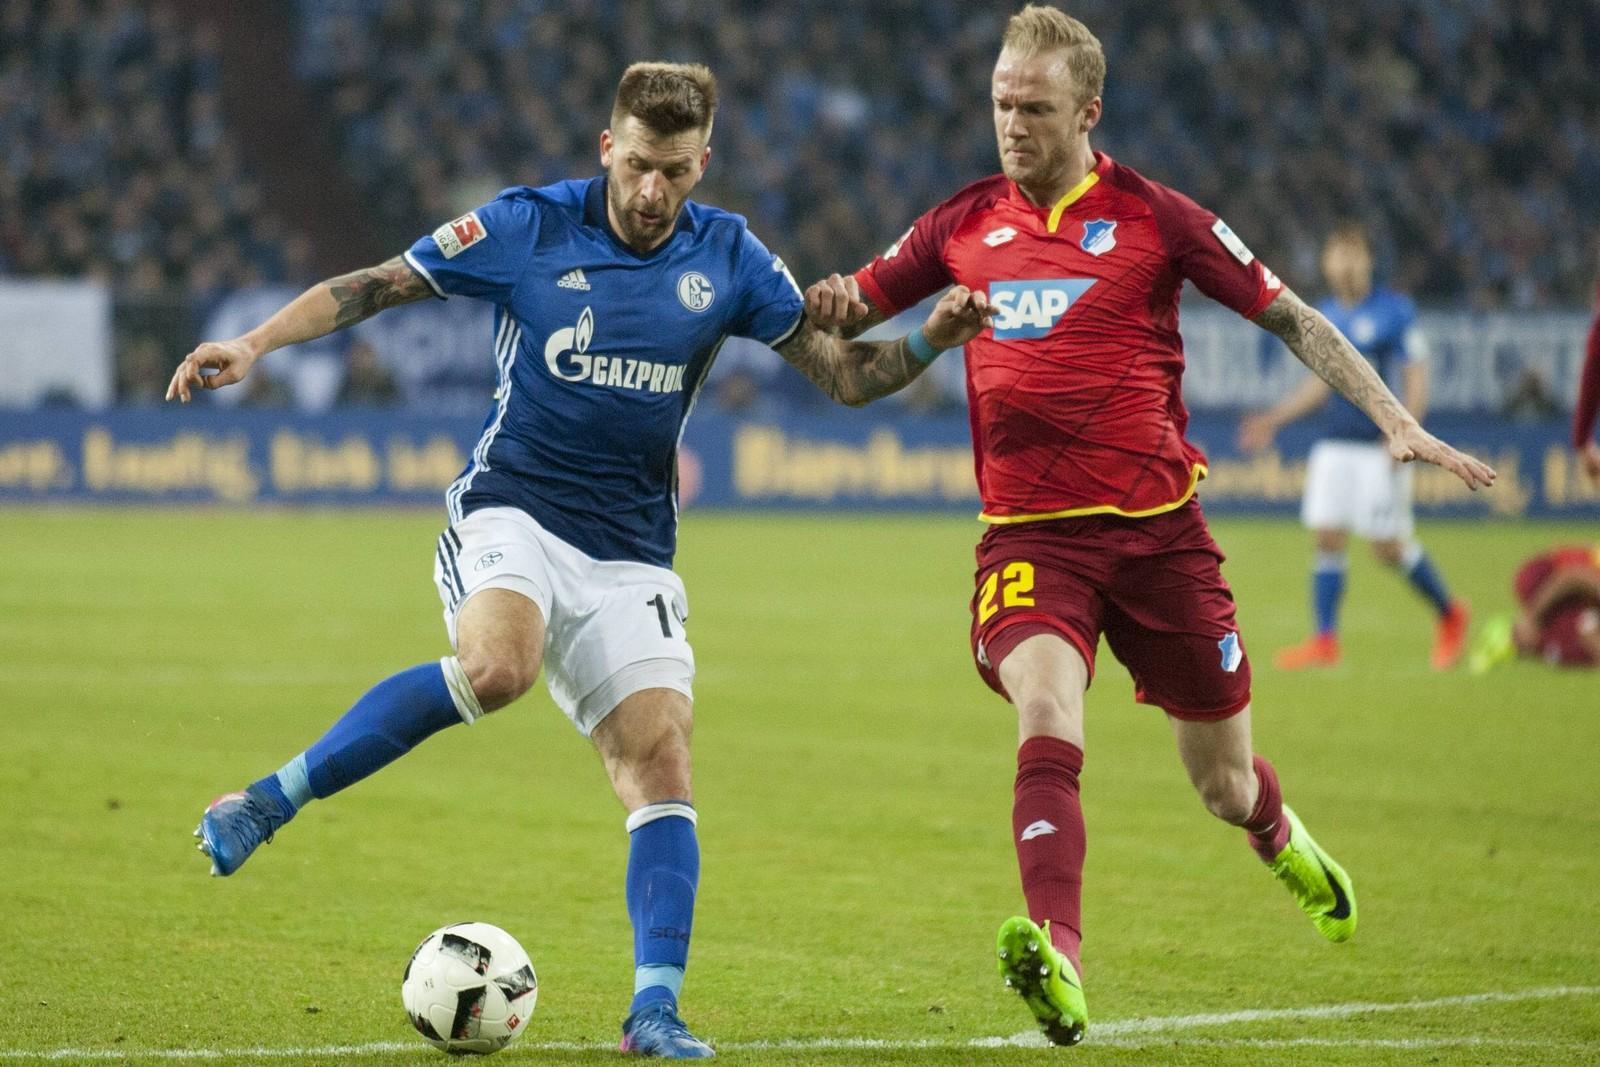 Kann Kevin Vogt den Schalker Stürmer in Schach halten? Jetzt auf Hoffenheim gegen Schalke wetten!